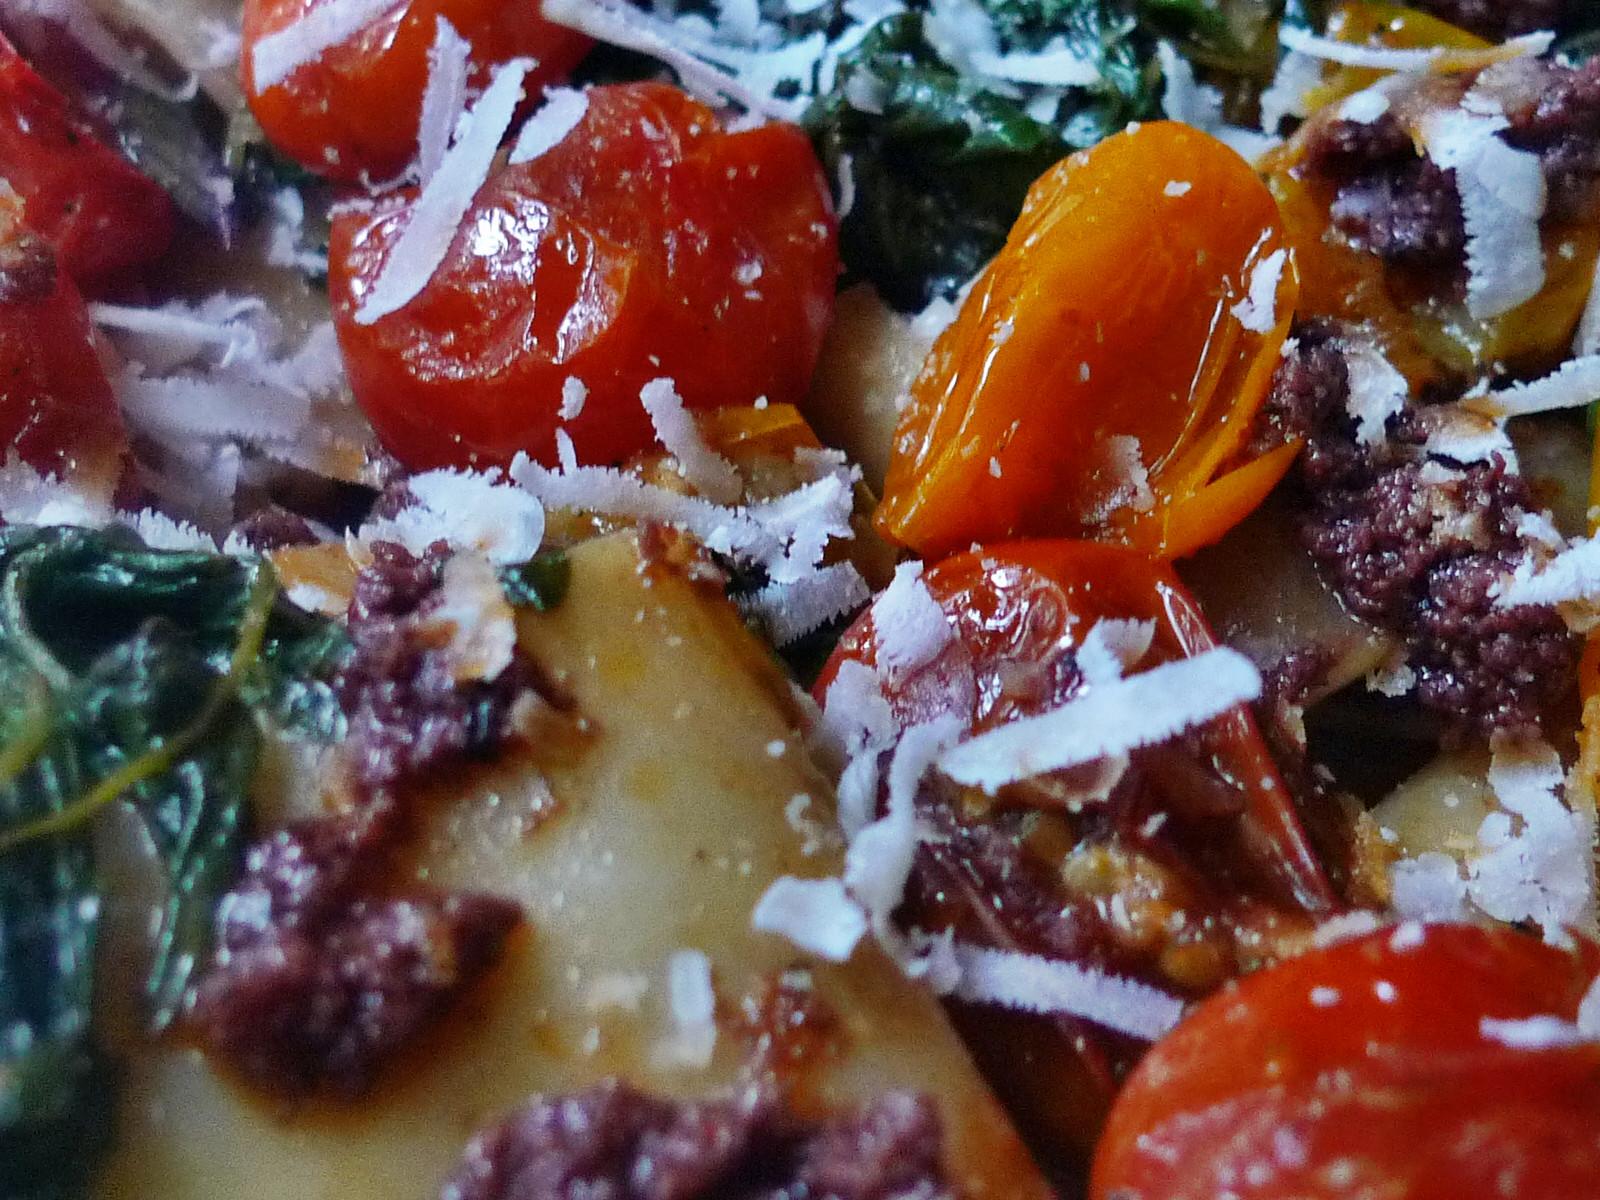 Nudeln mit Olivenpesto und Minigemüse - 21.11.14  (16)